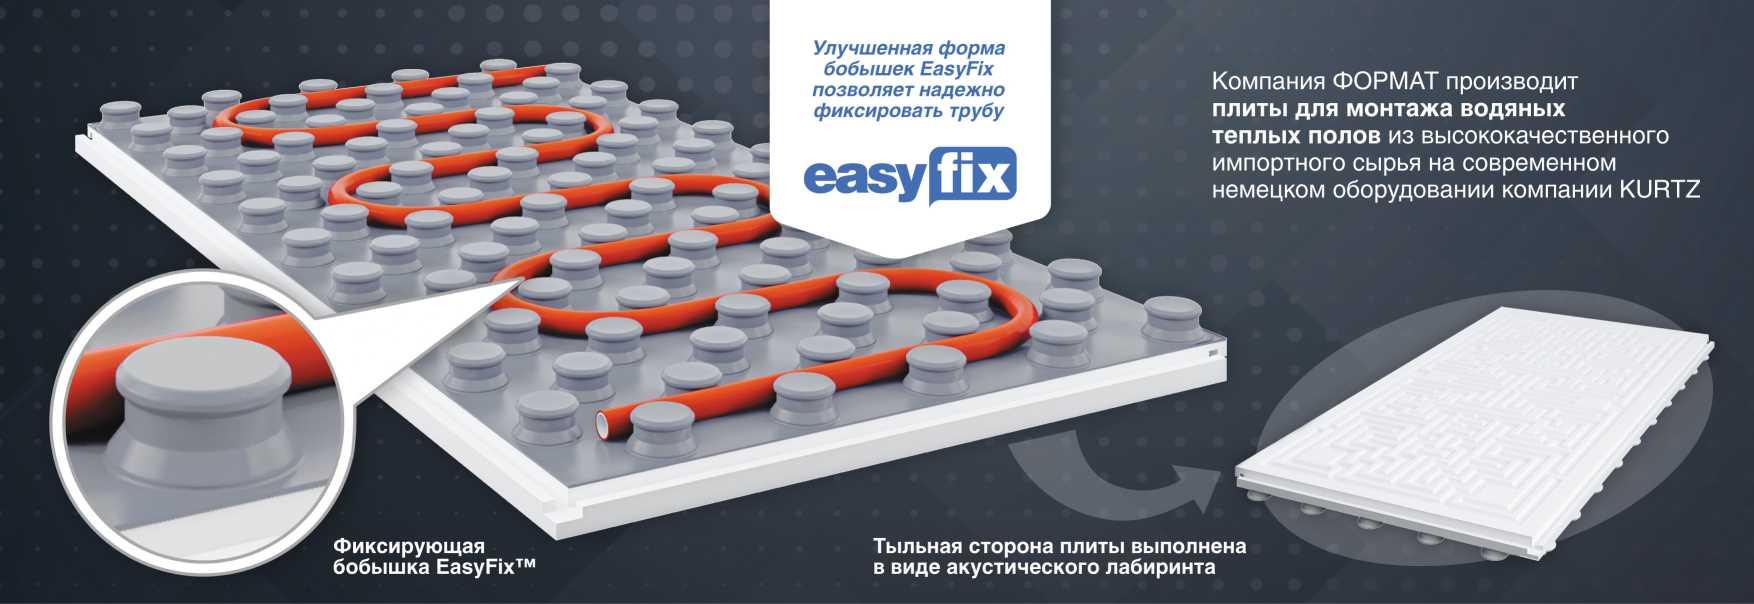 Купить онлайн в интернет-магазине sanmarket.by